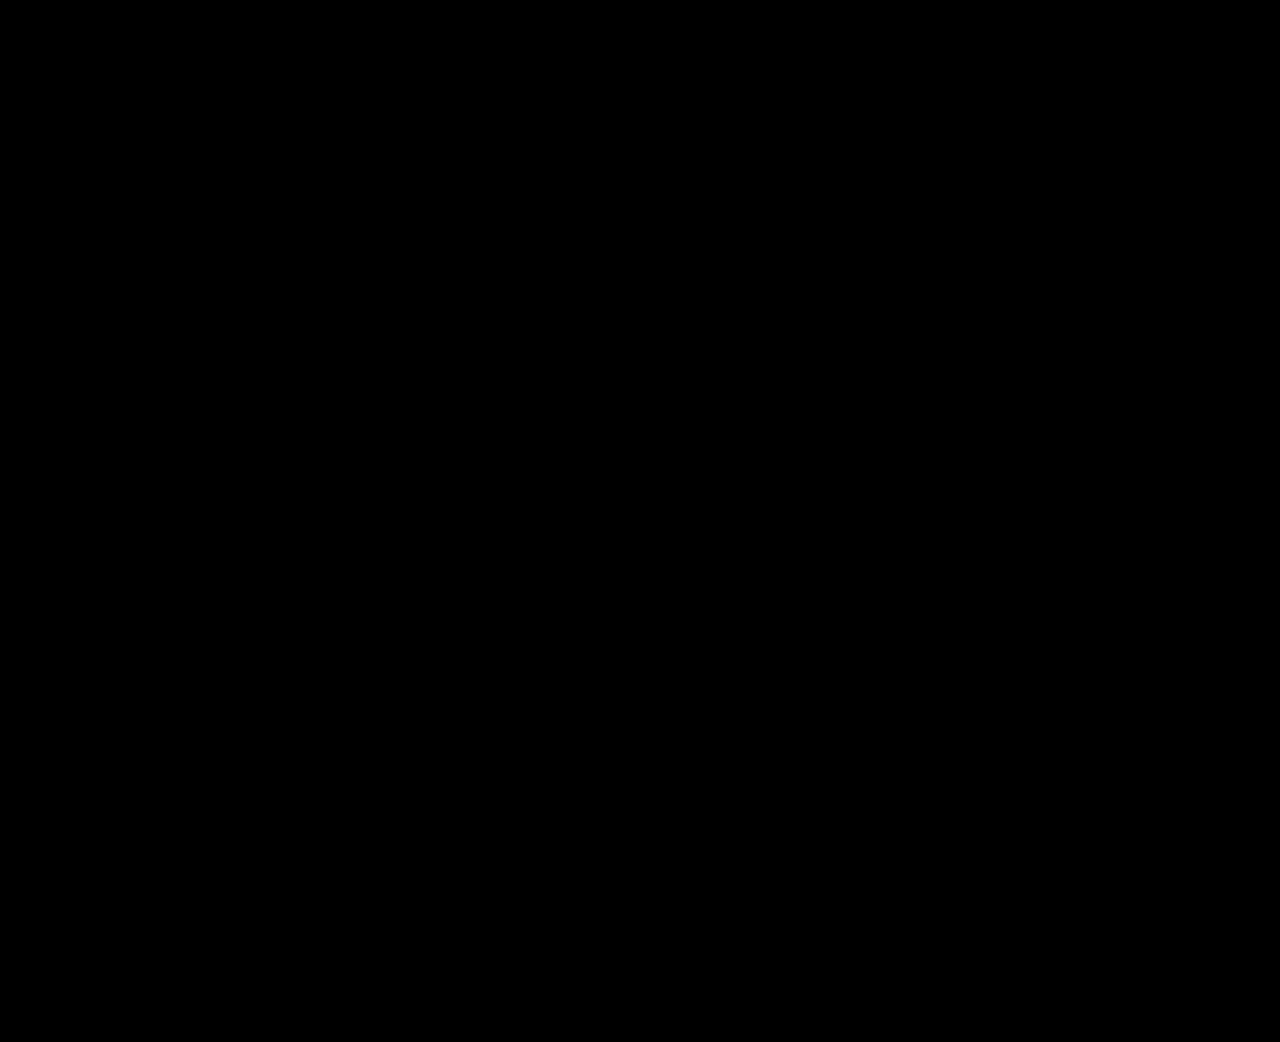 собственного картинка черно белый зонтик сообщает администрация ульяновска